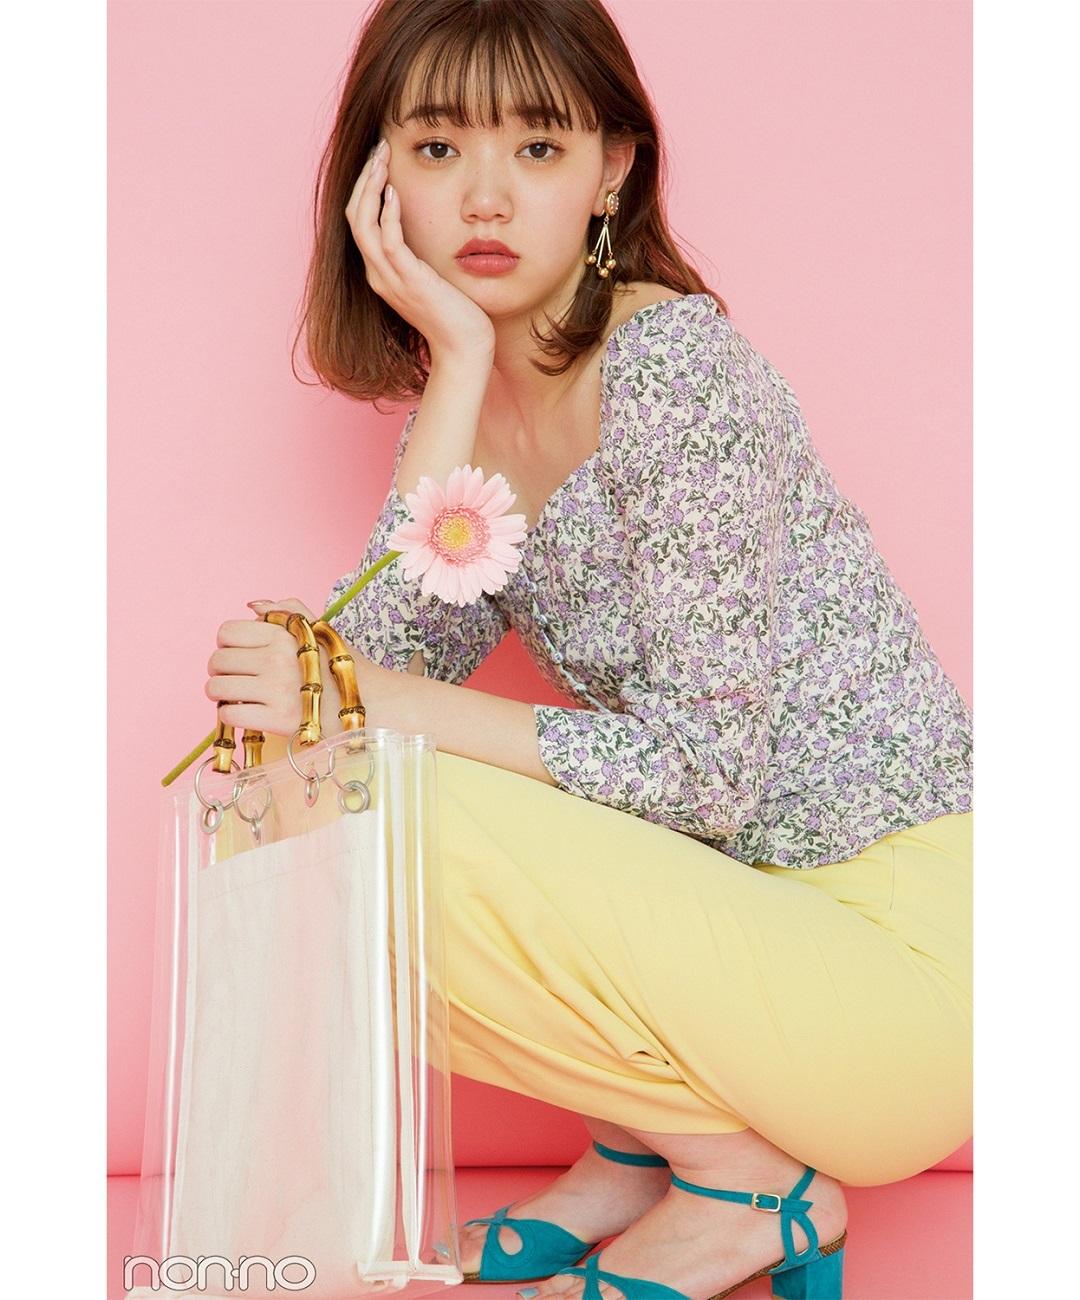 【夏のサンダルコーデ】江野沢愛美はレトロな韓国ファッションに注目♡